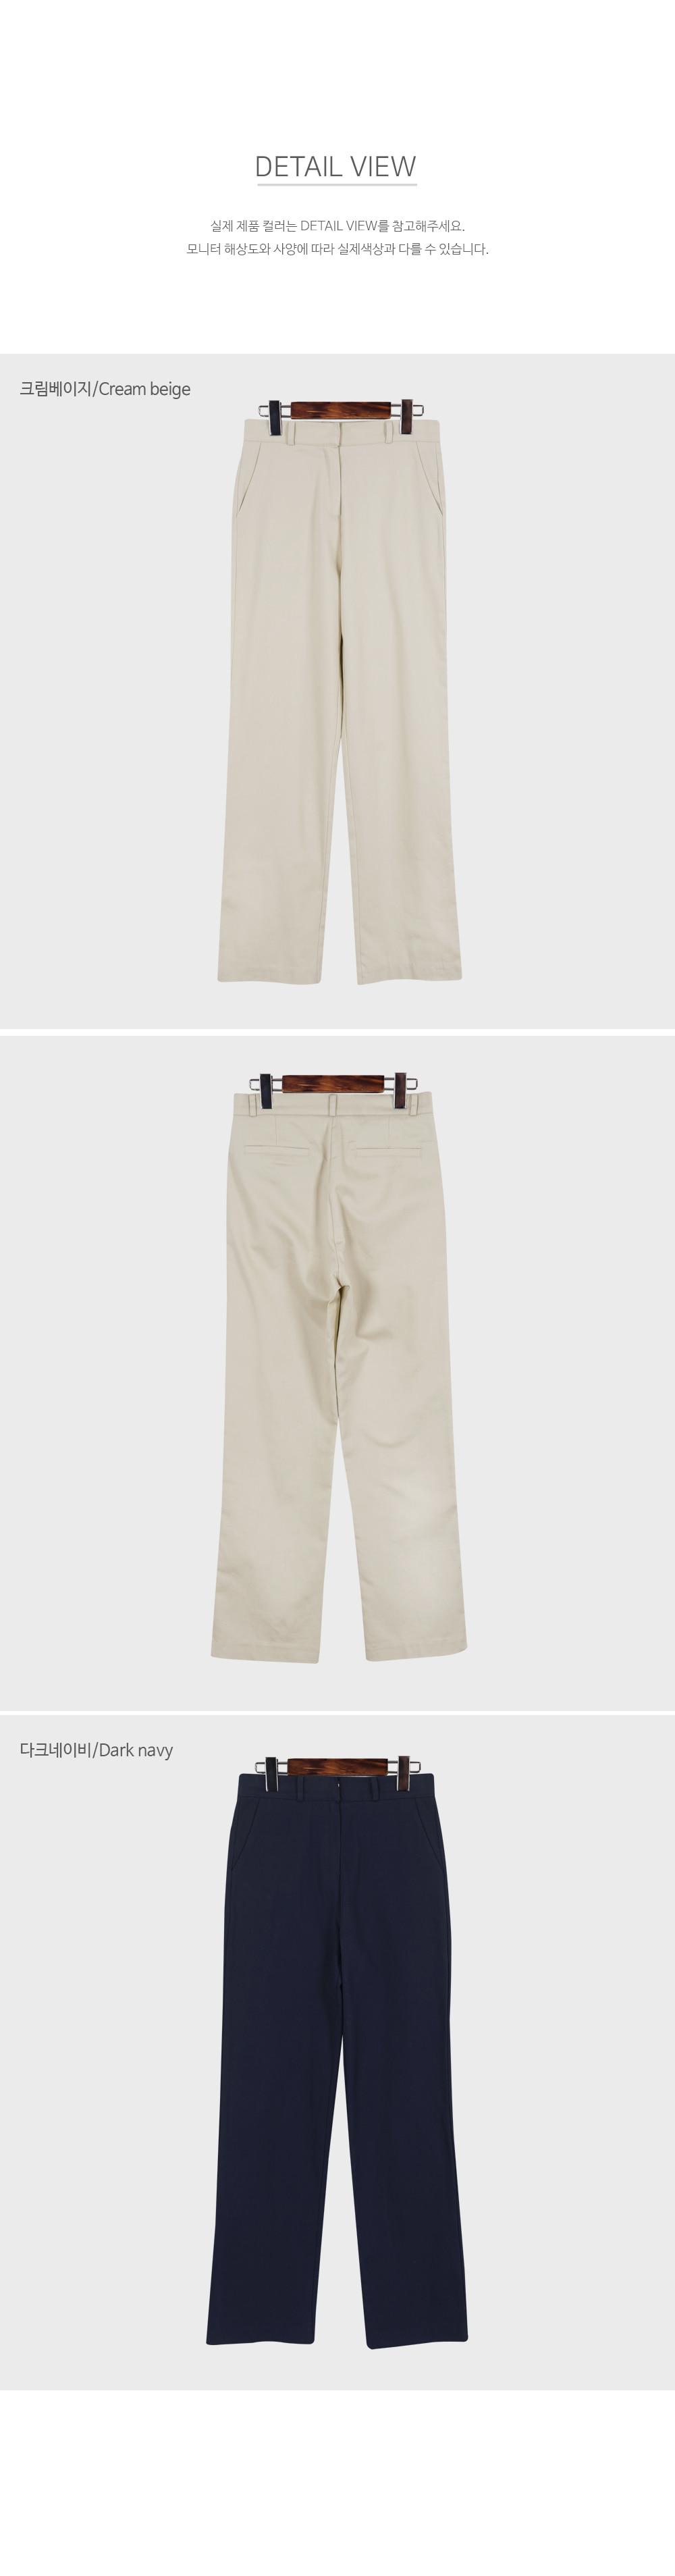 Premium Cotton Daily Slacks-holiholic.com